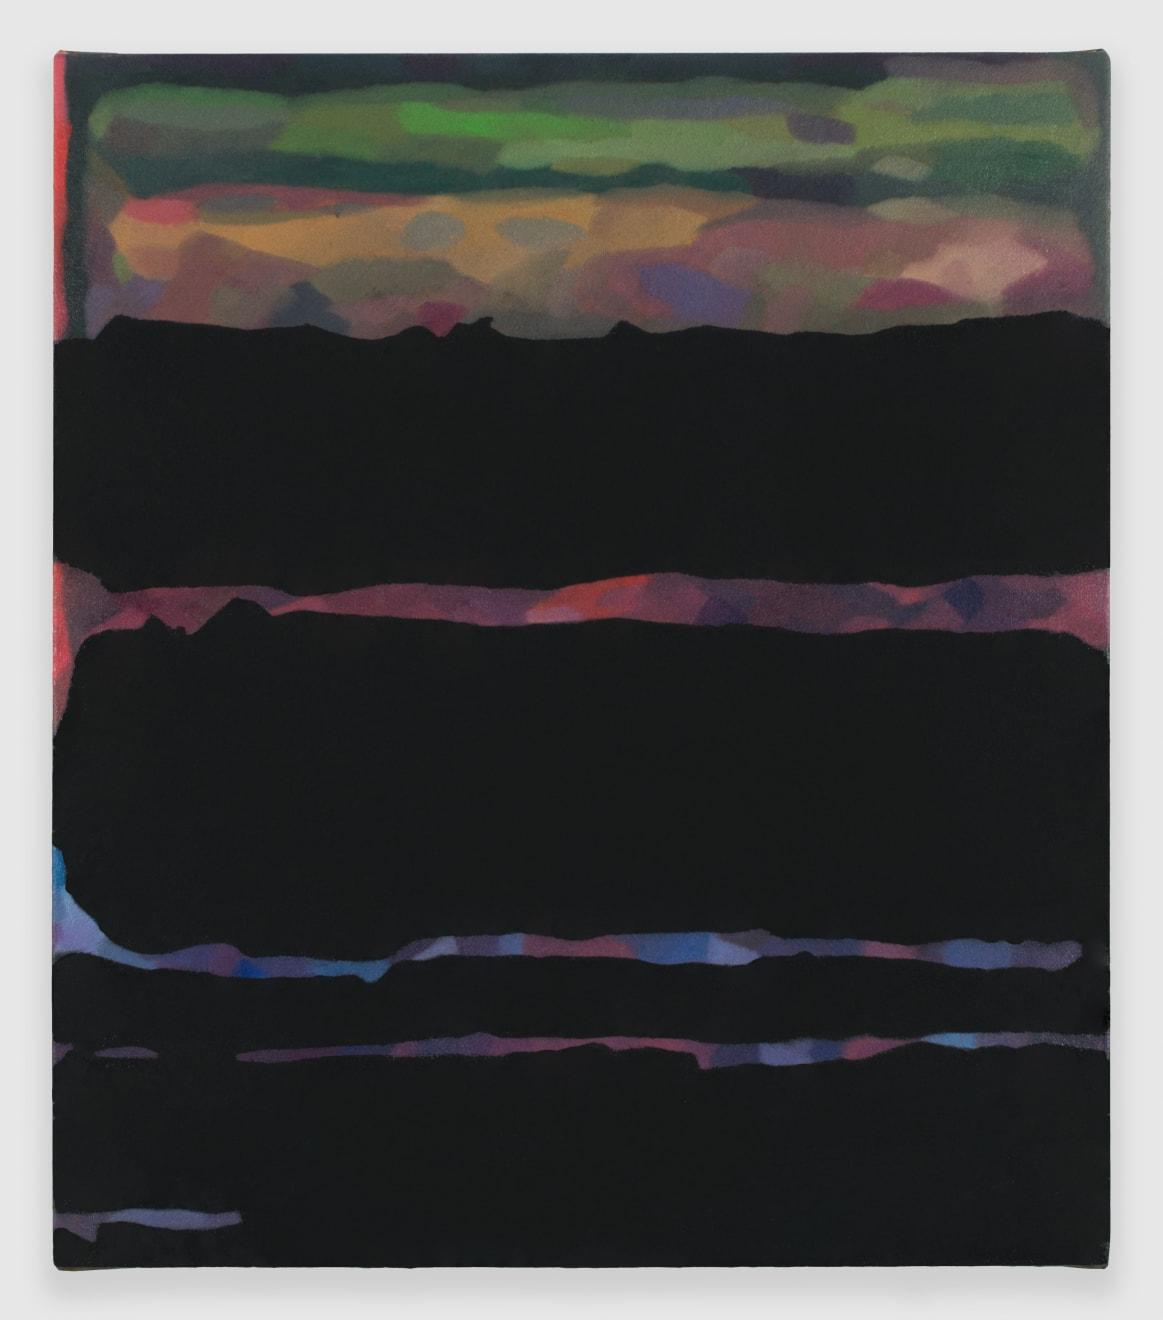 Rob Ventura, Dark Matter VII, 2015